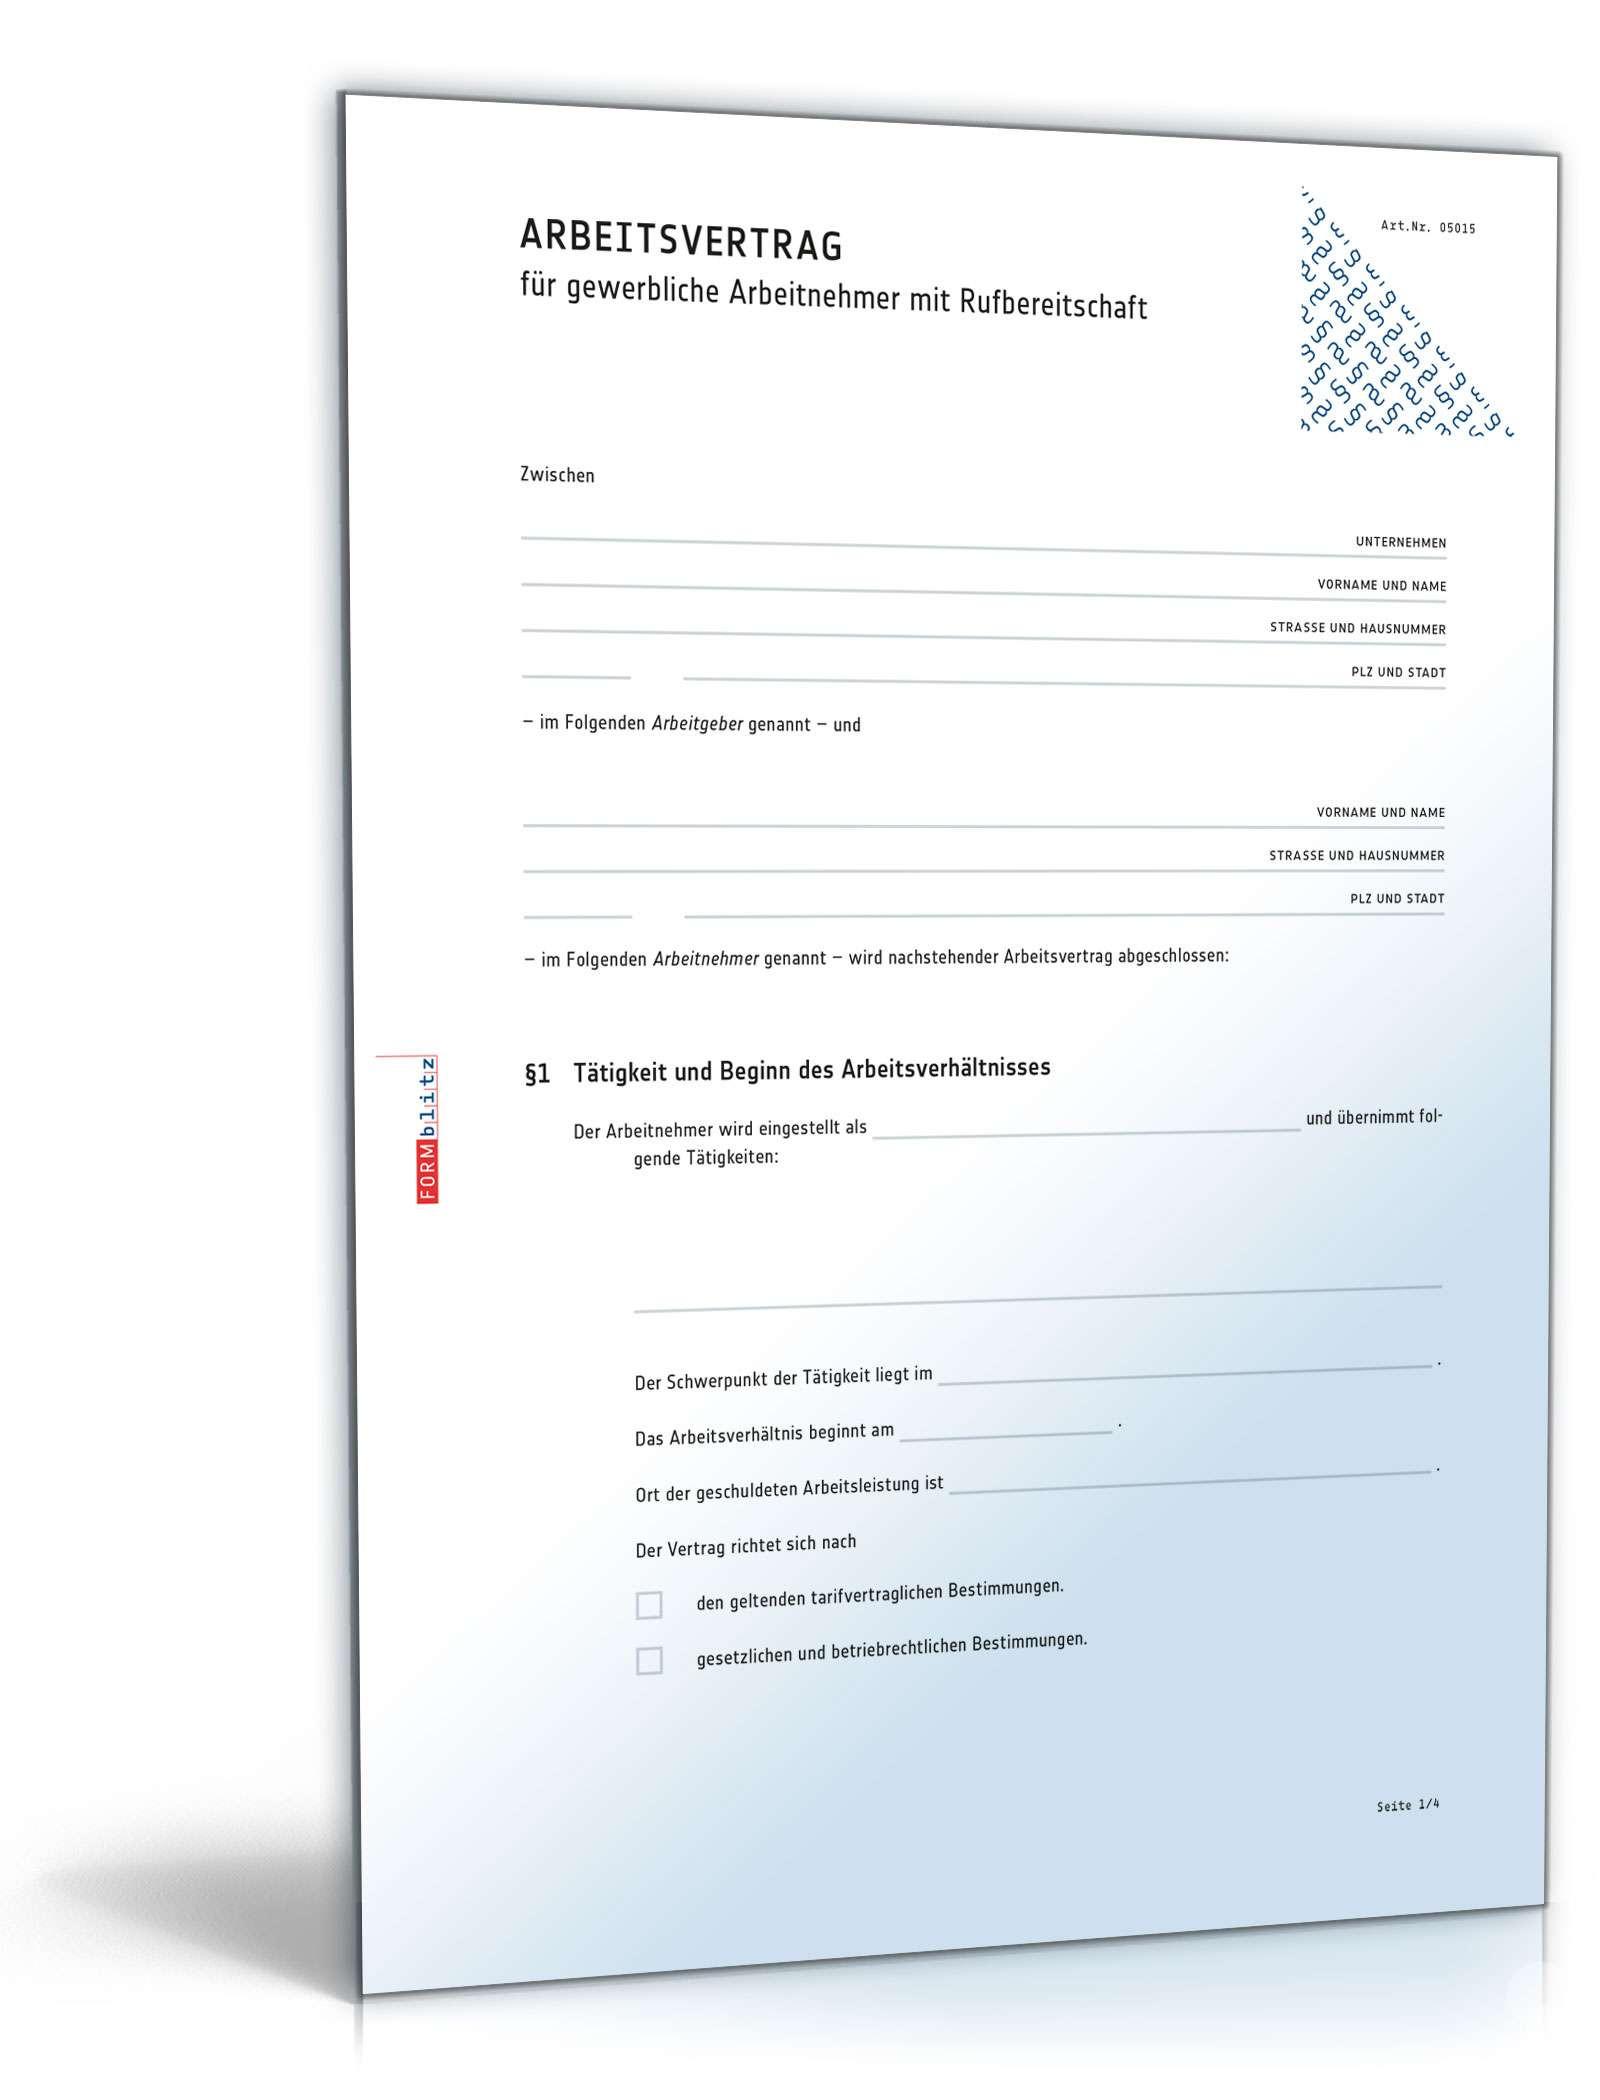 Arbeitsvertrag Für Gewerbliche Arbeitnehmer Im Handwerk  Arbeitsvertrag Rufbereitschaft